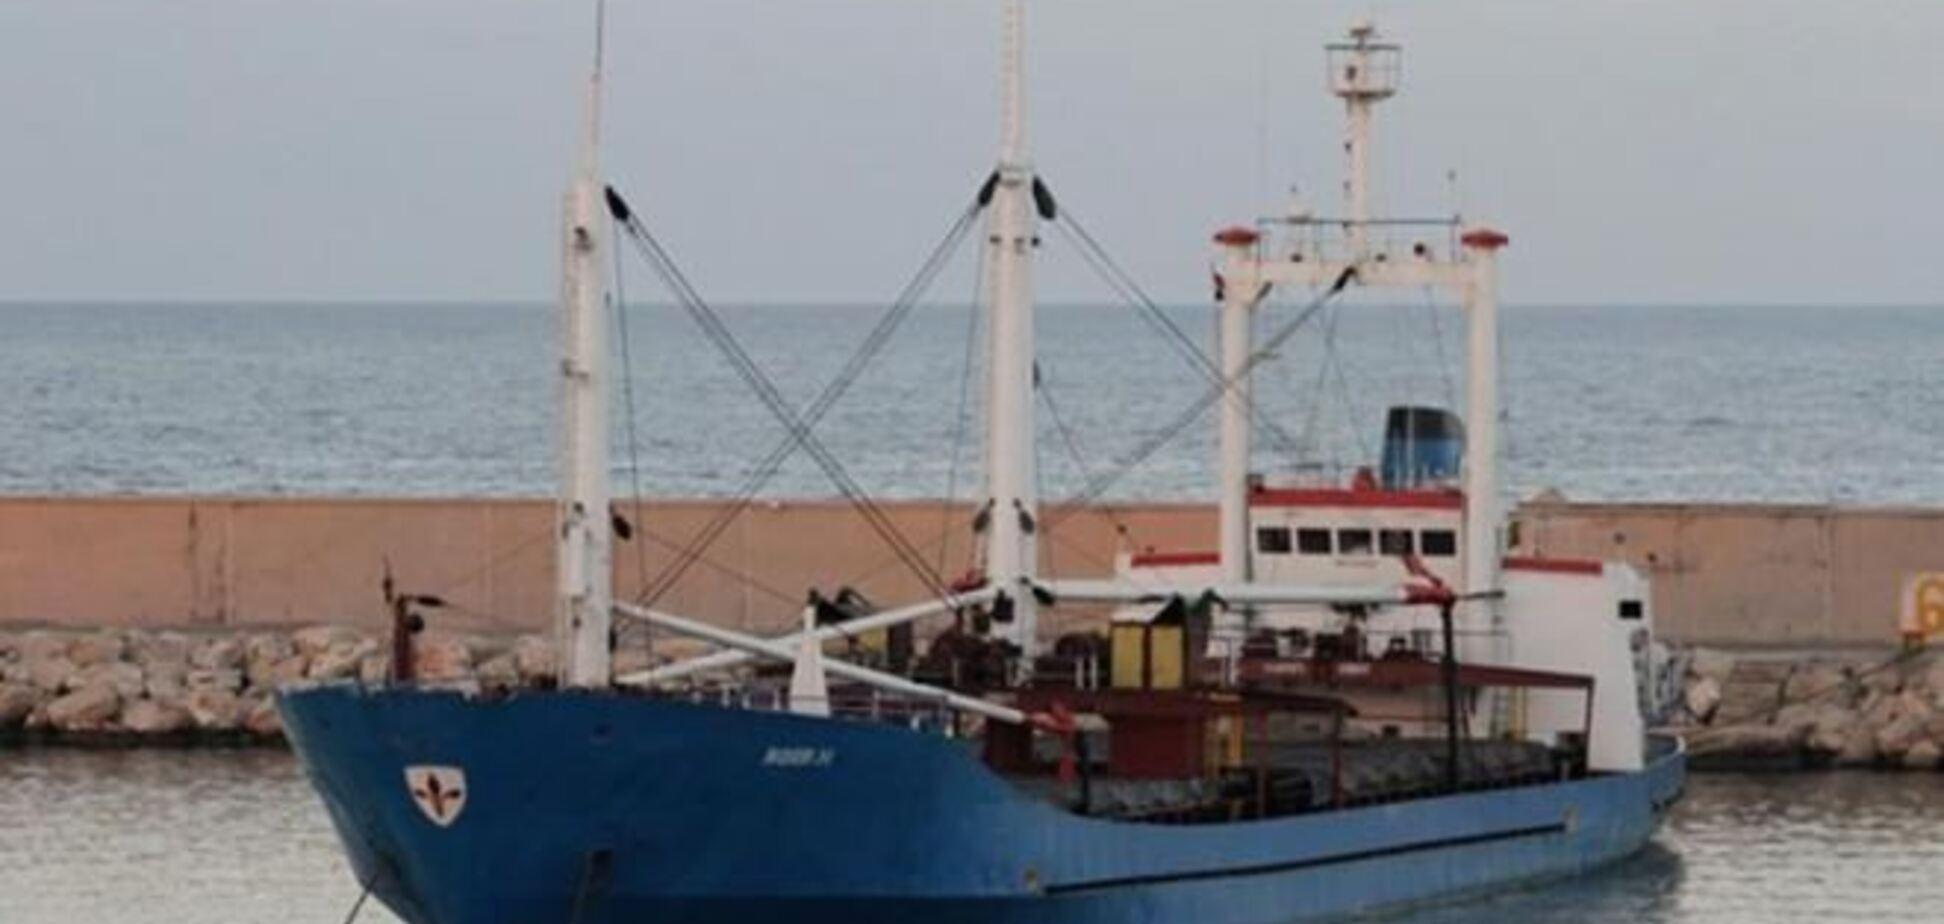 Среди экипажа задержанного в Греции судна украинцев нет - МИД